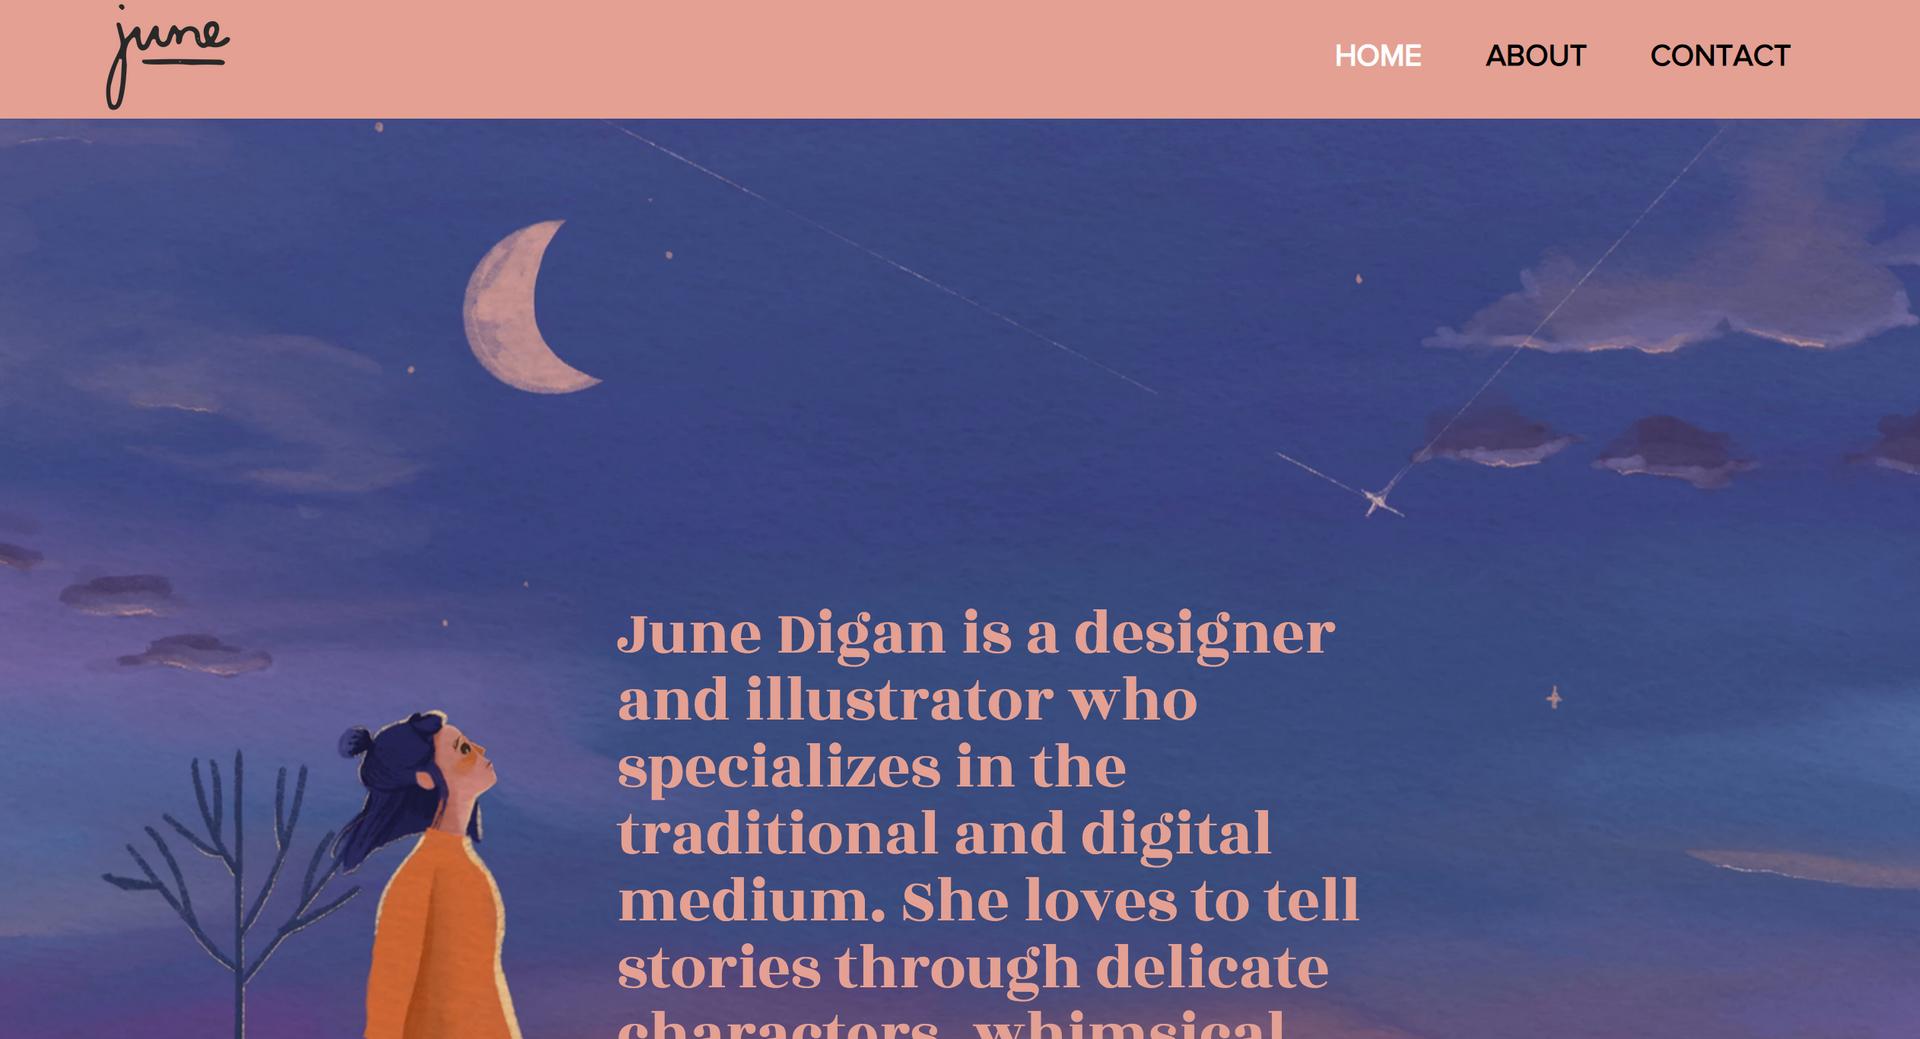 June Digan